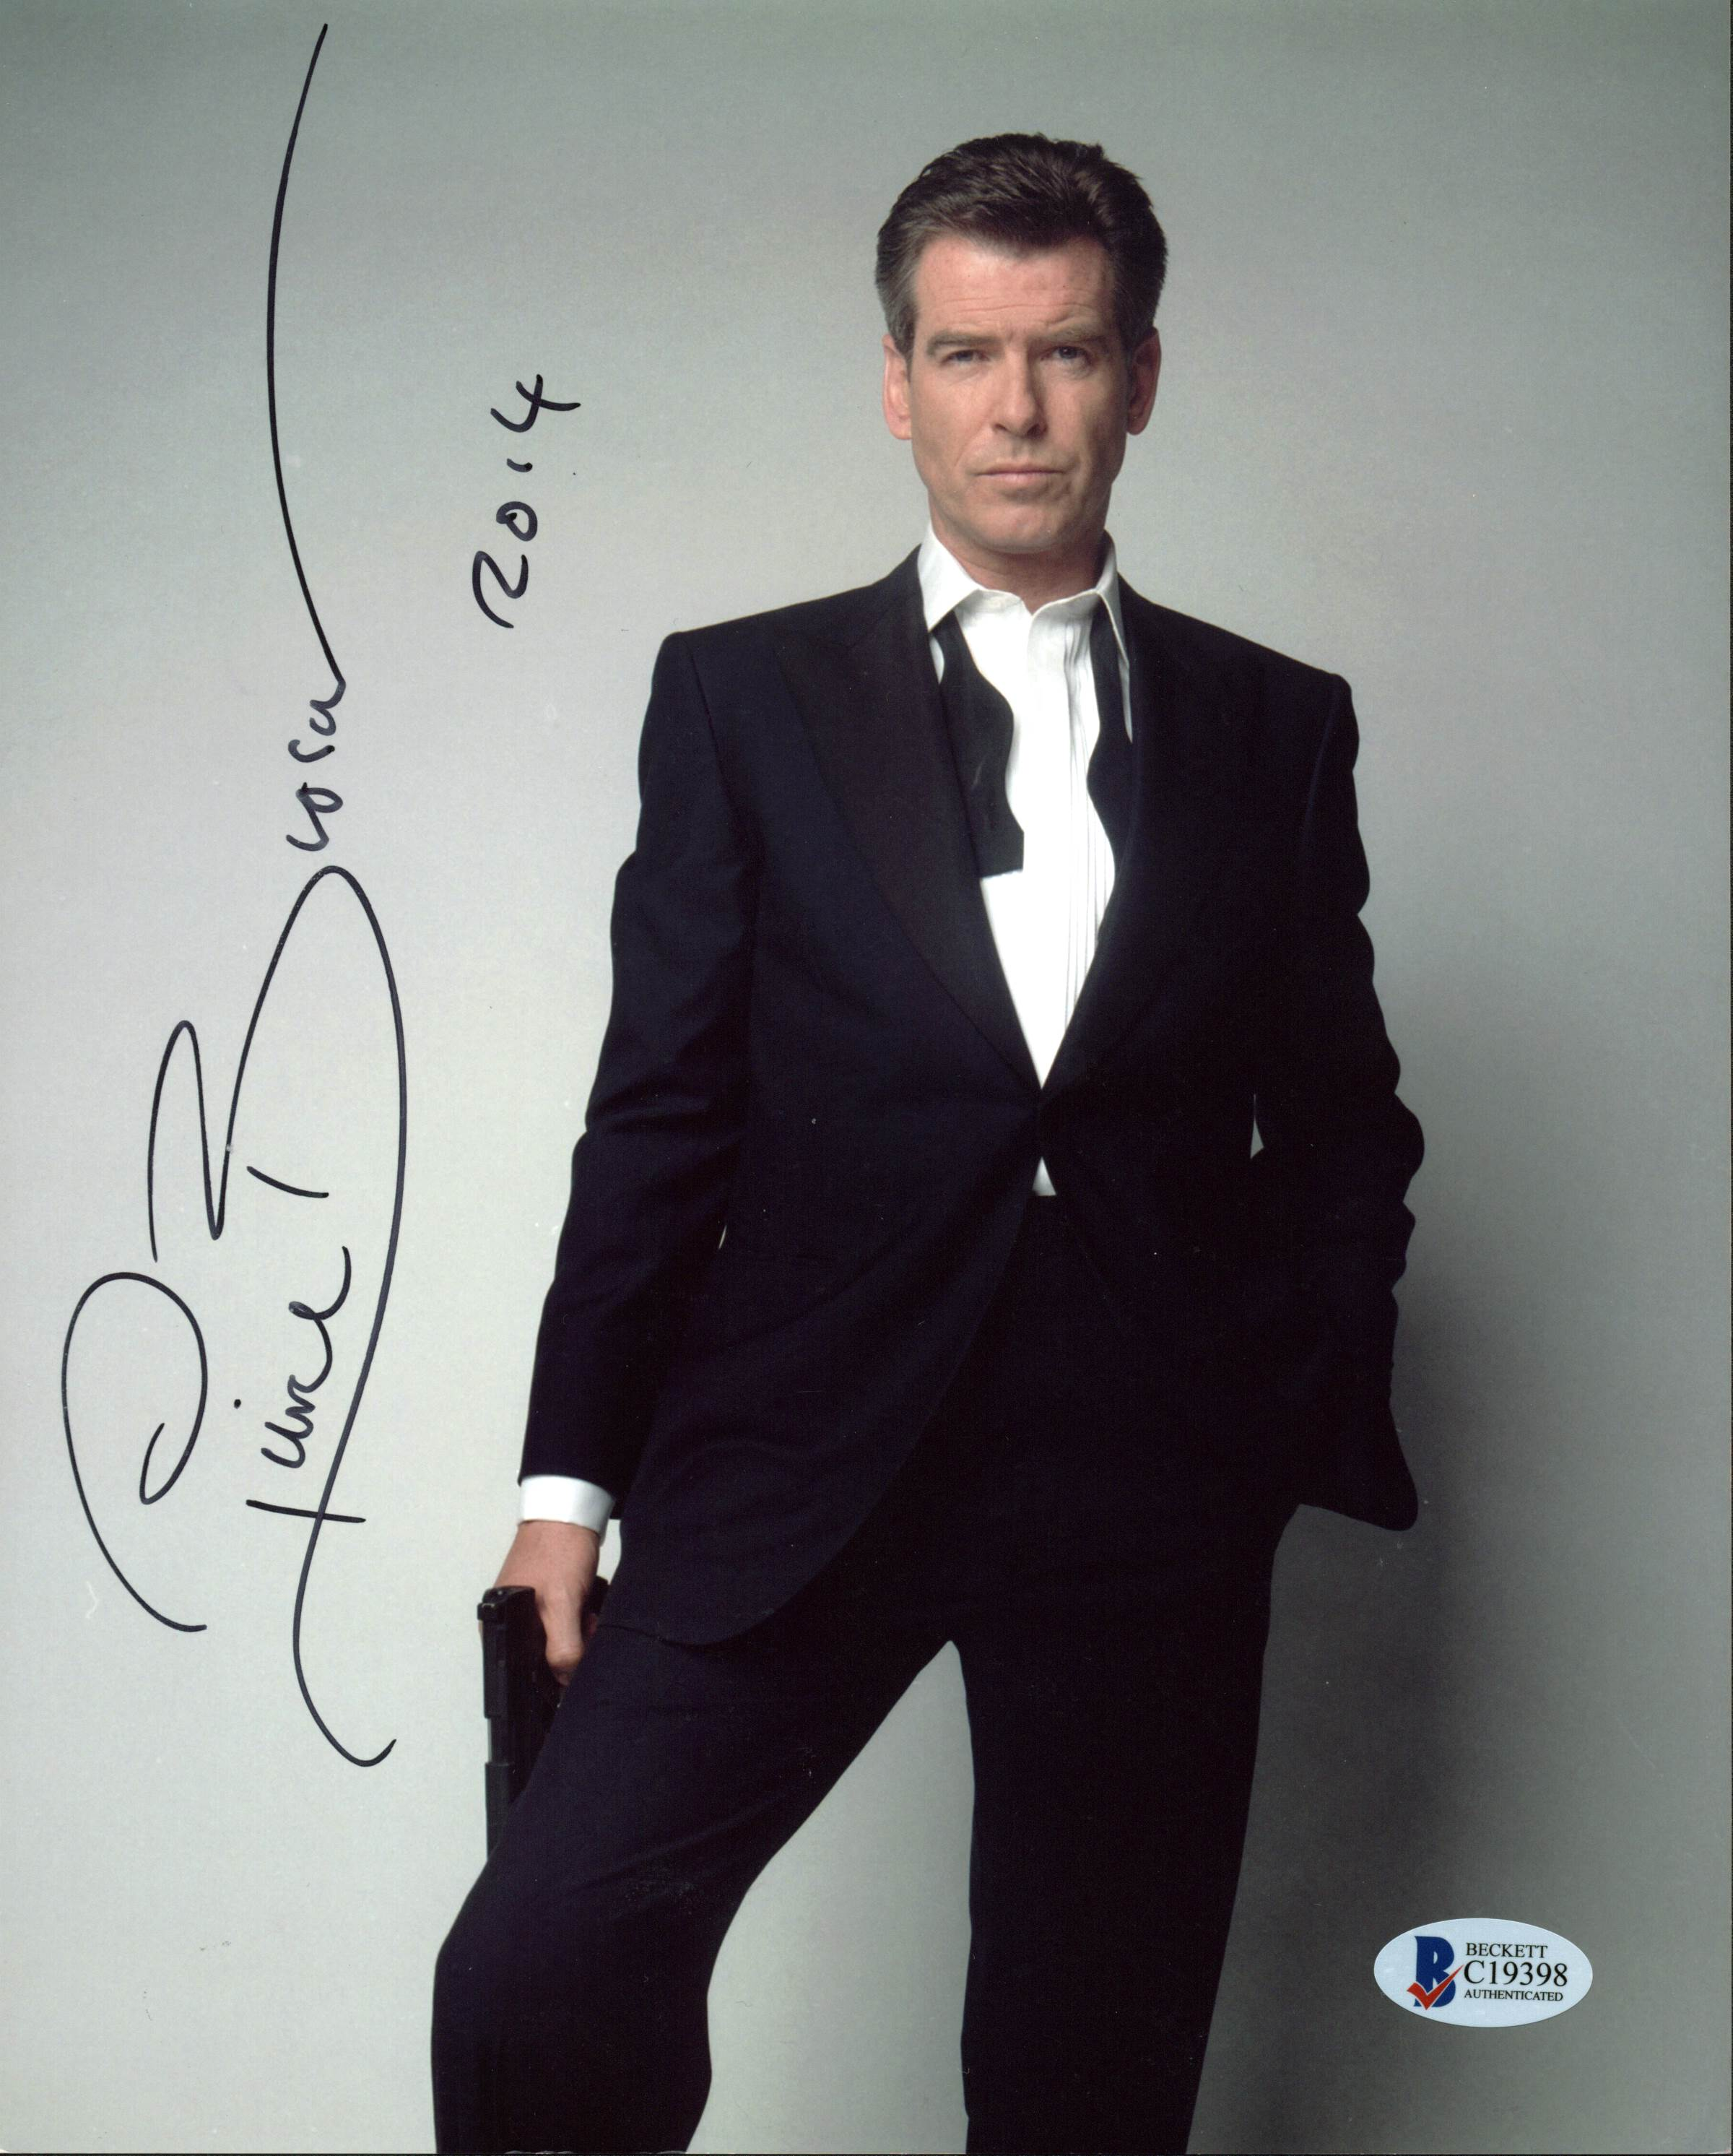 Pierce Brosnan James Bond 007 Authentic Signed 8X10 Photo BAS #C15005